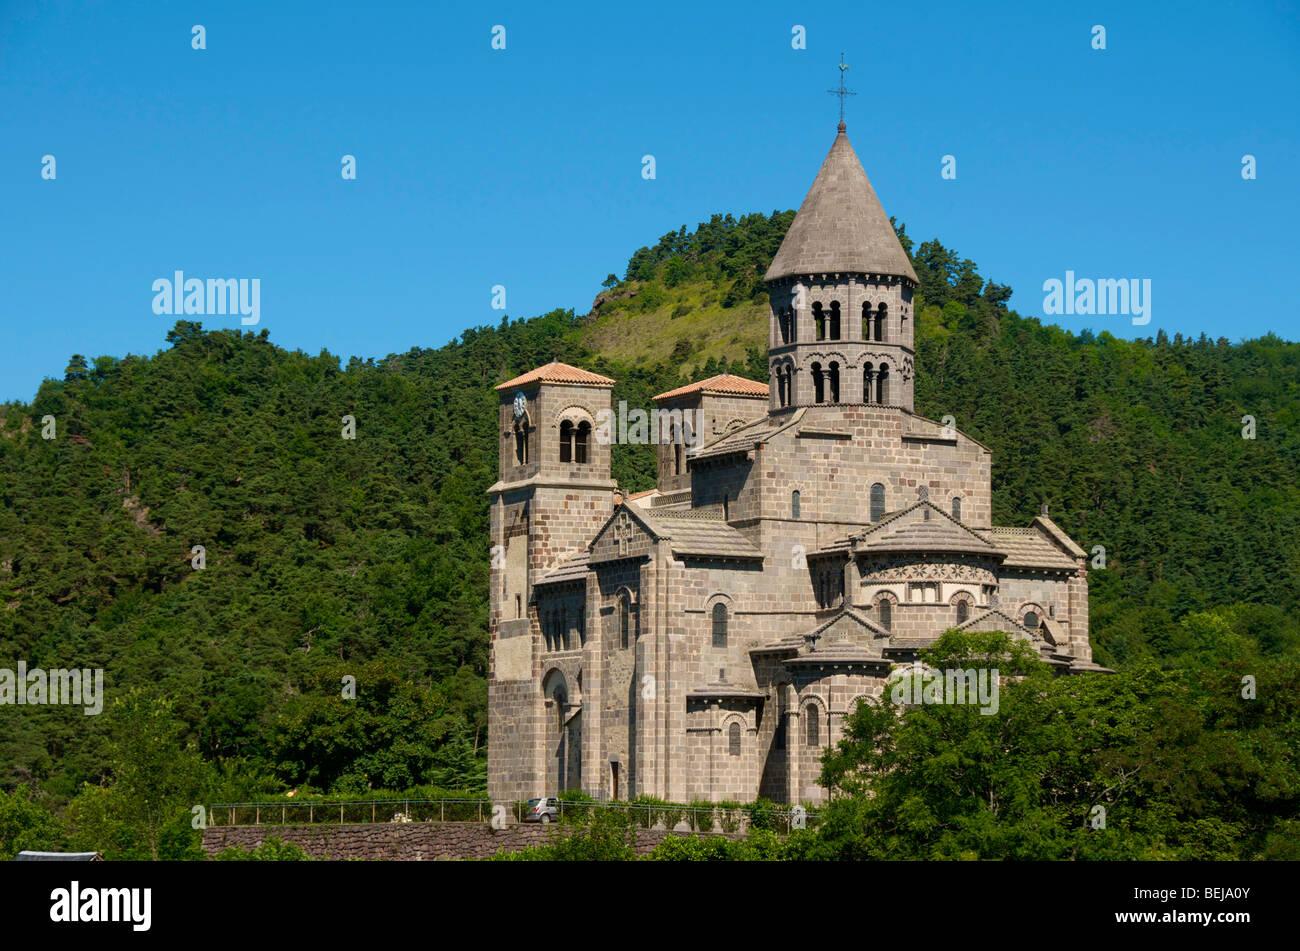 Eglise de St Nectaire . L'Auvergne. France Banque D'Images